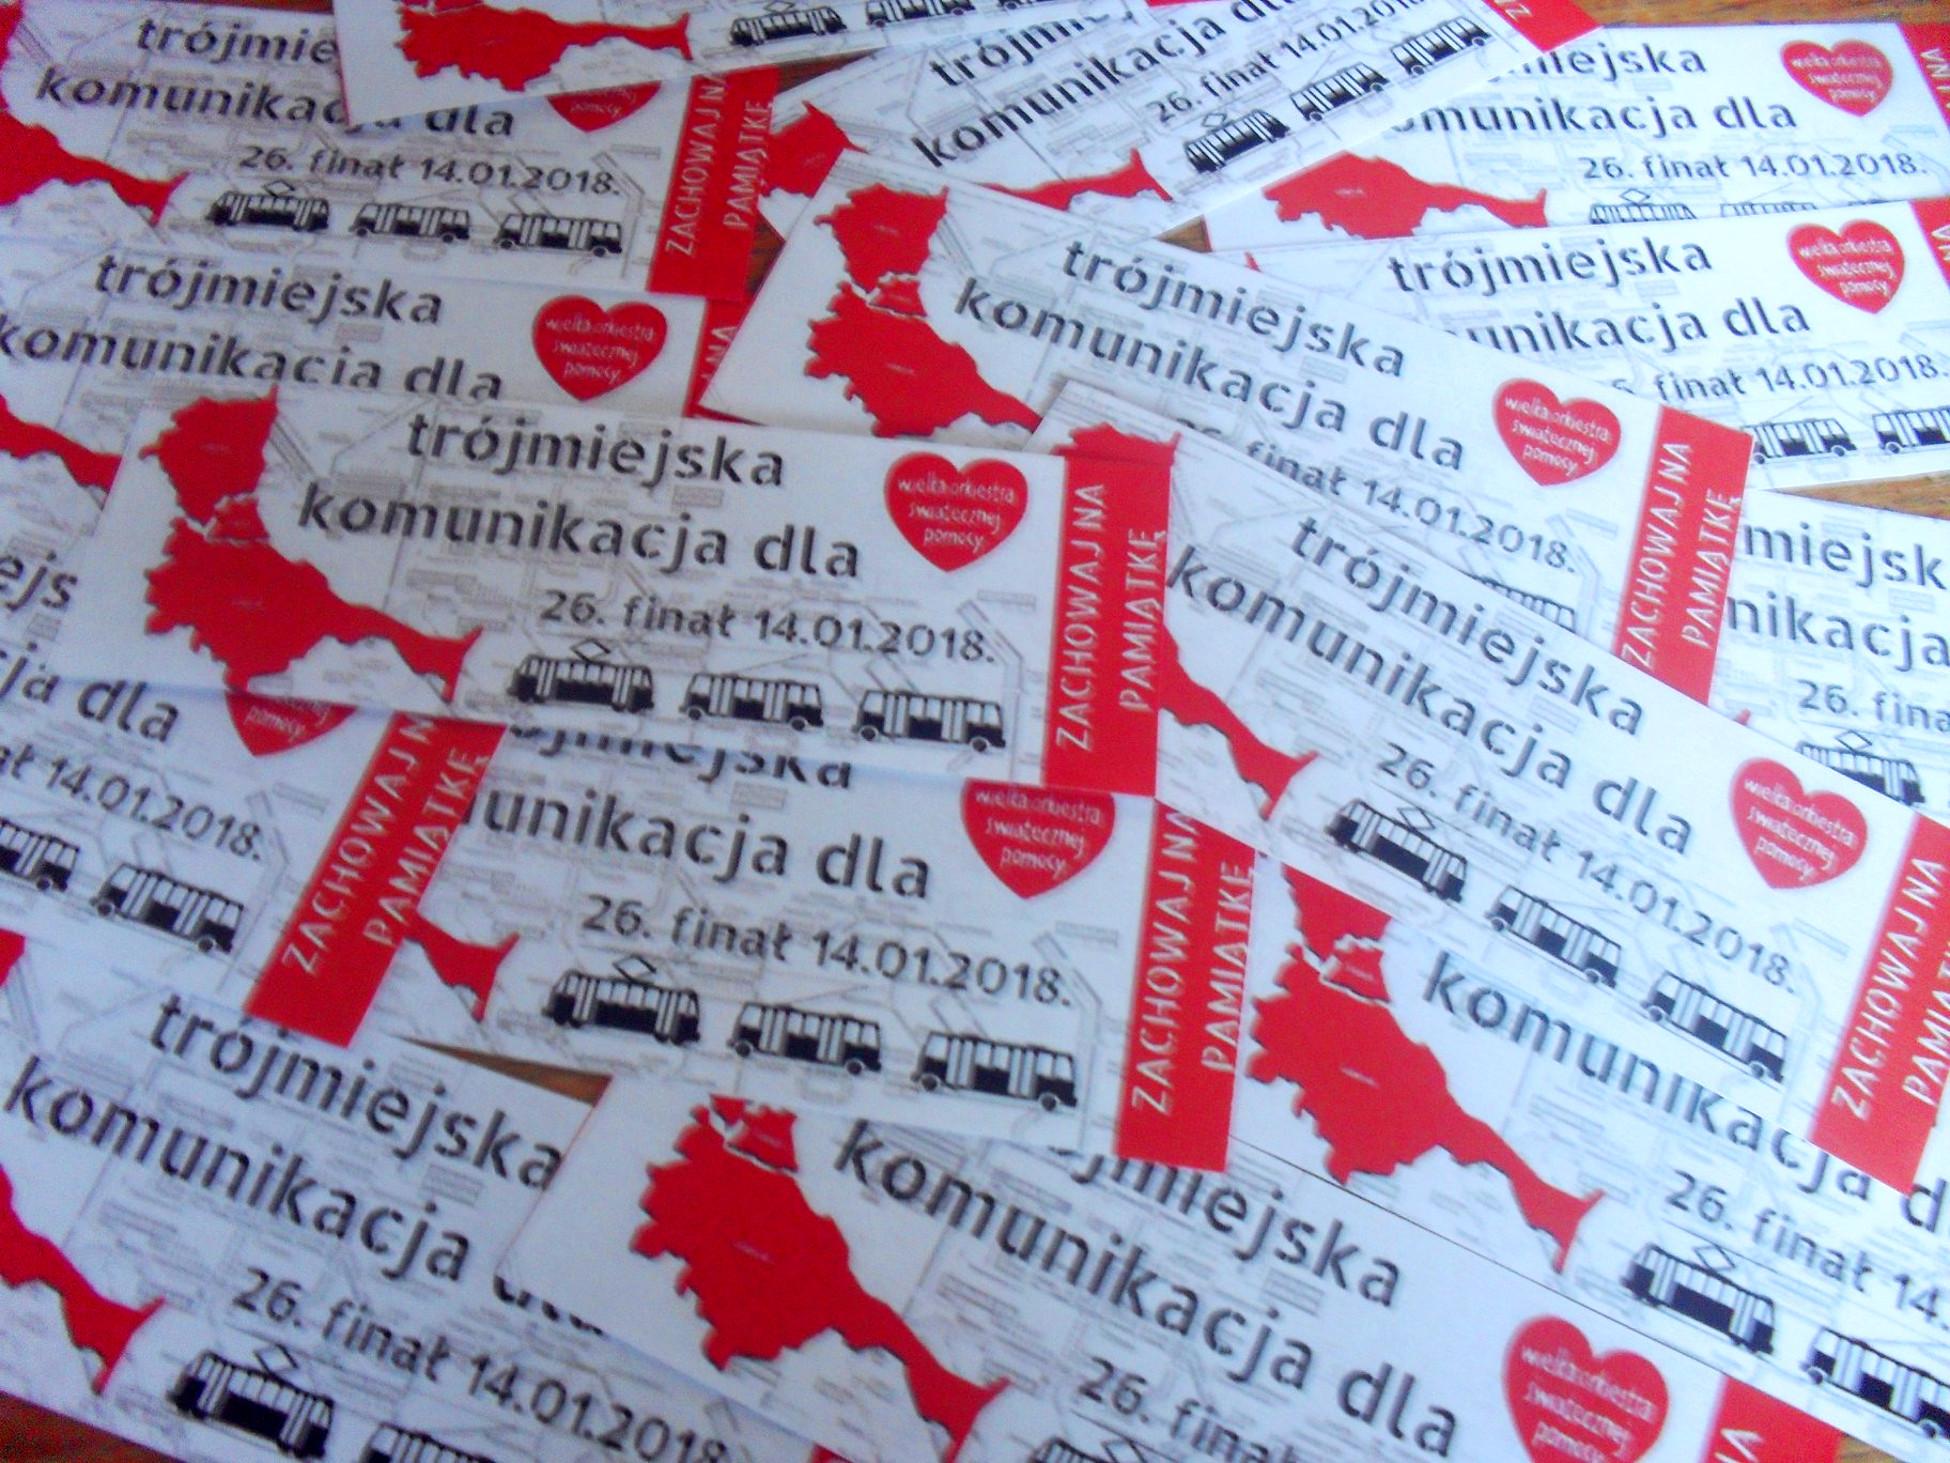 Trójmiejska komunikacja miejska gra dla Wielkiej Orkiestry Świątecznej Pomocy. Transportowe atrakcje 26. finału